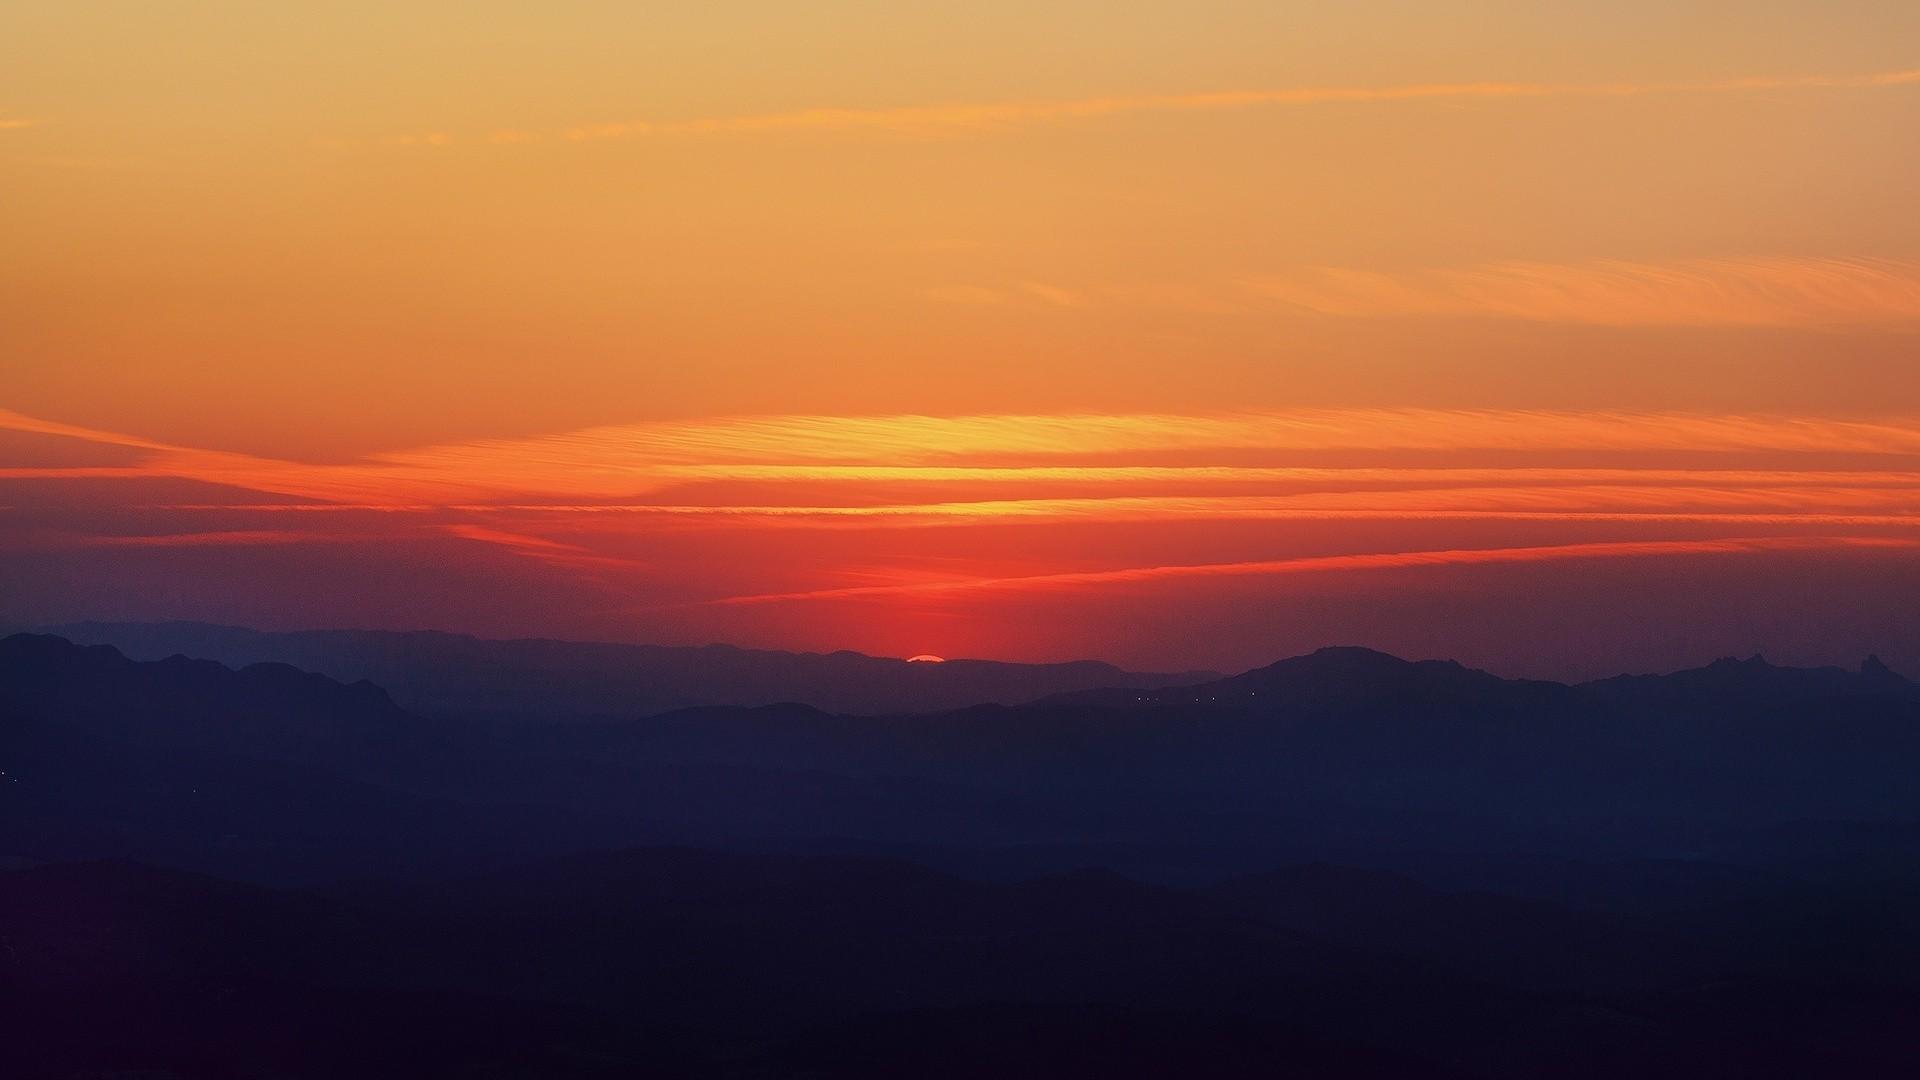 Amazing Orange Sky Dark Hills